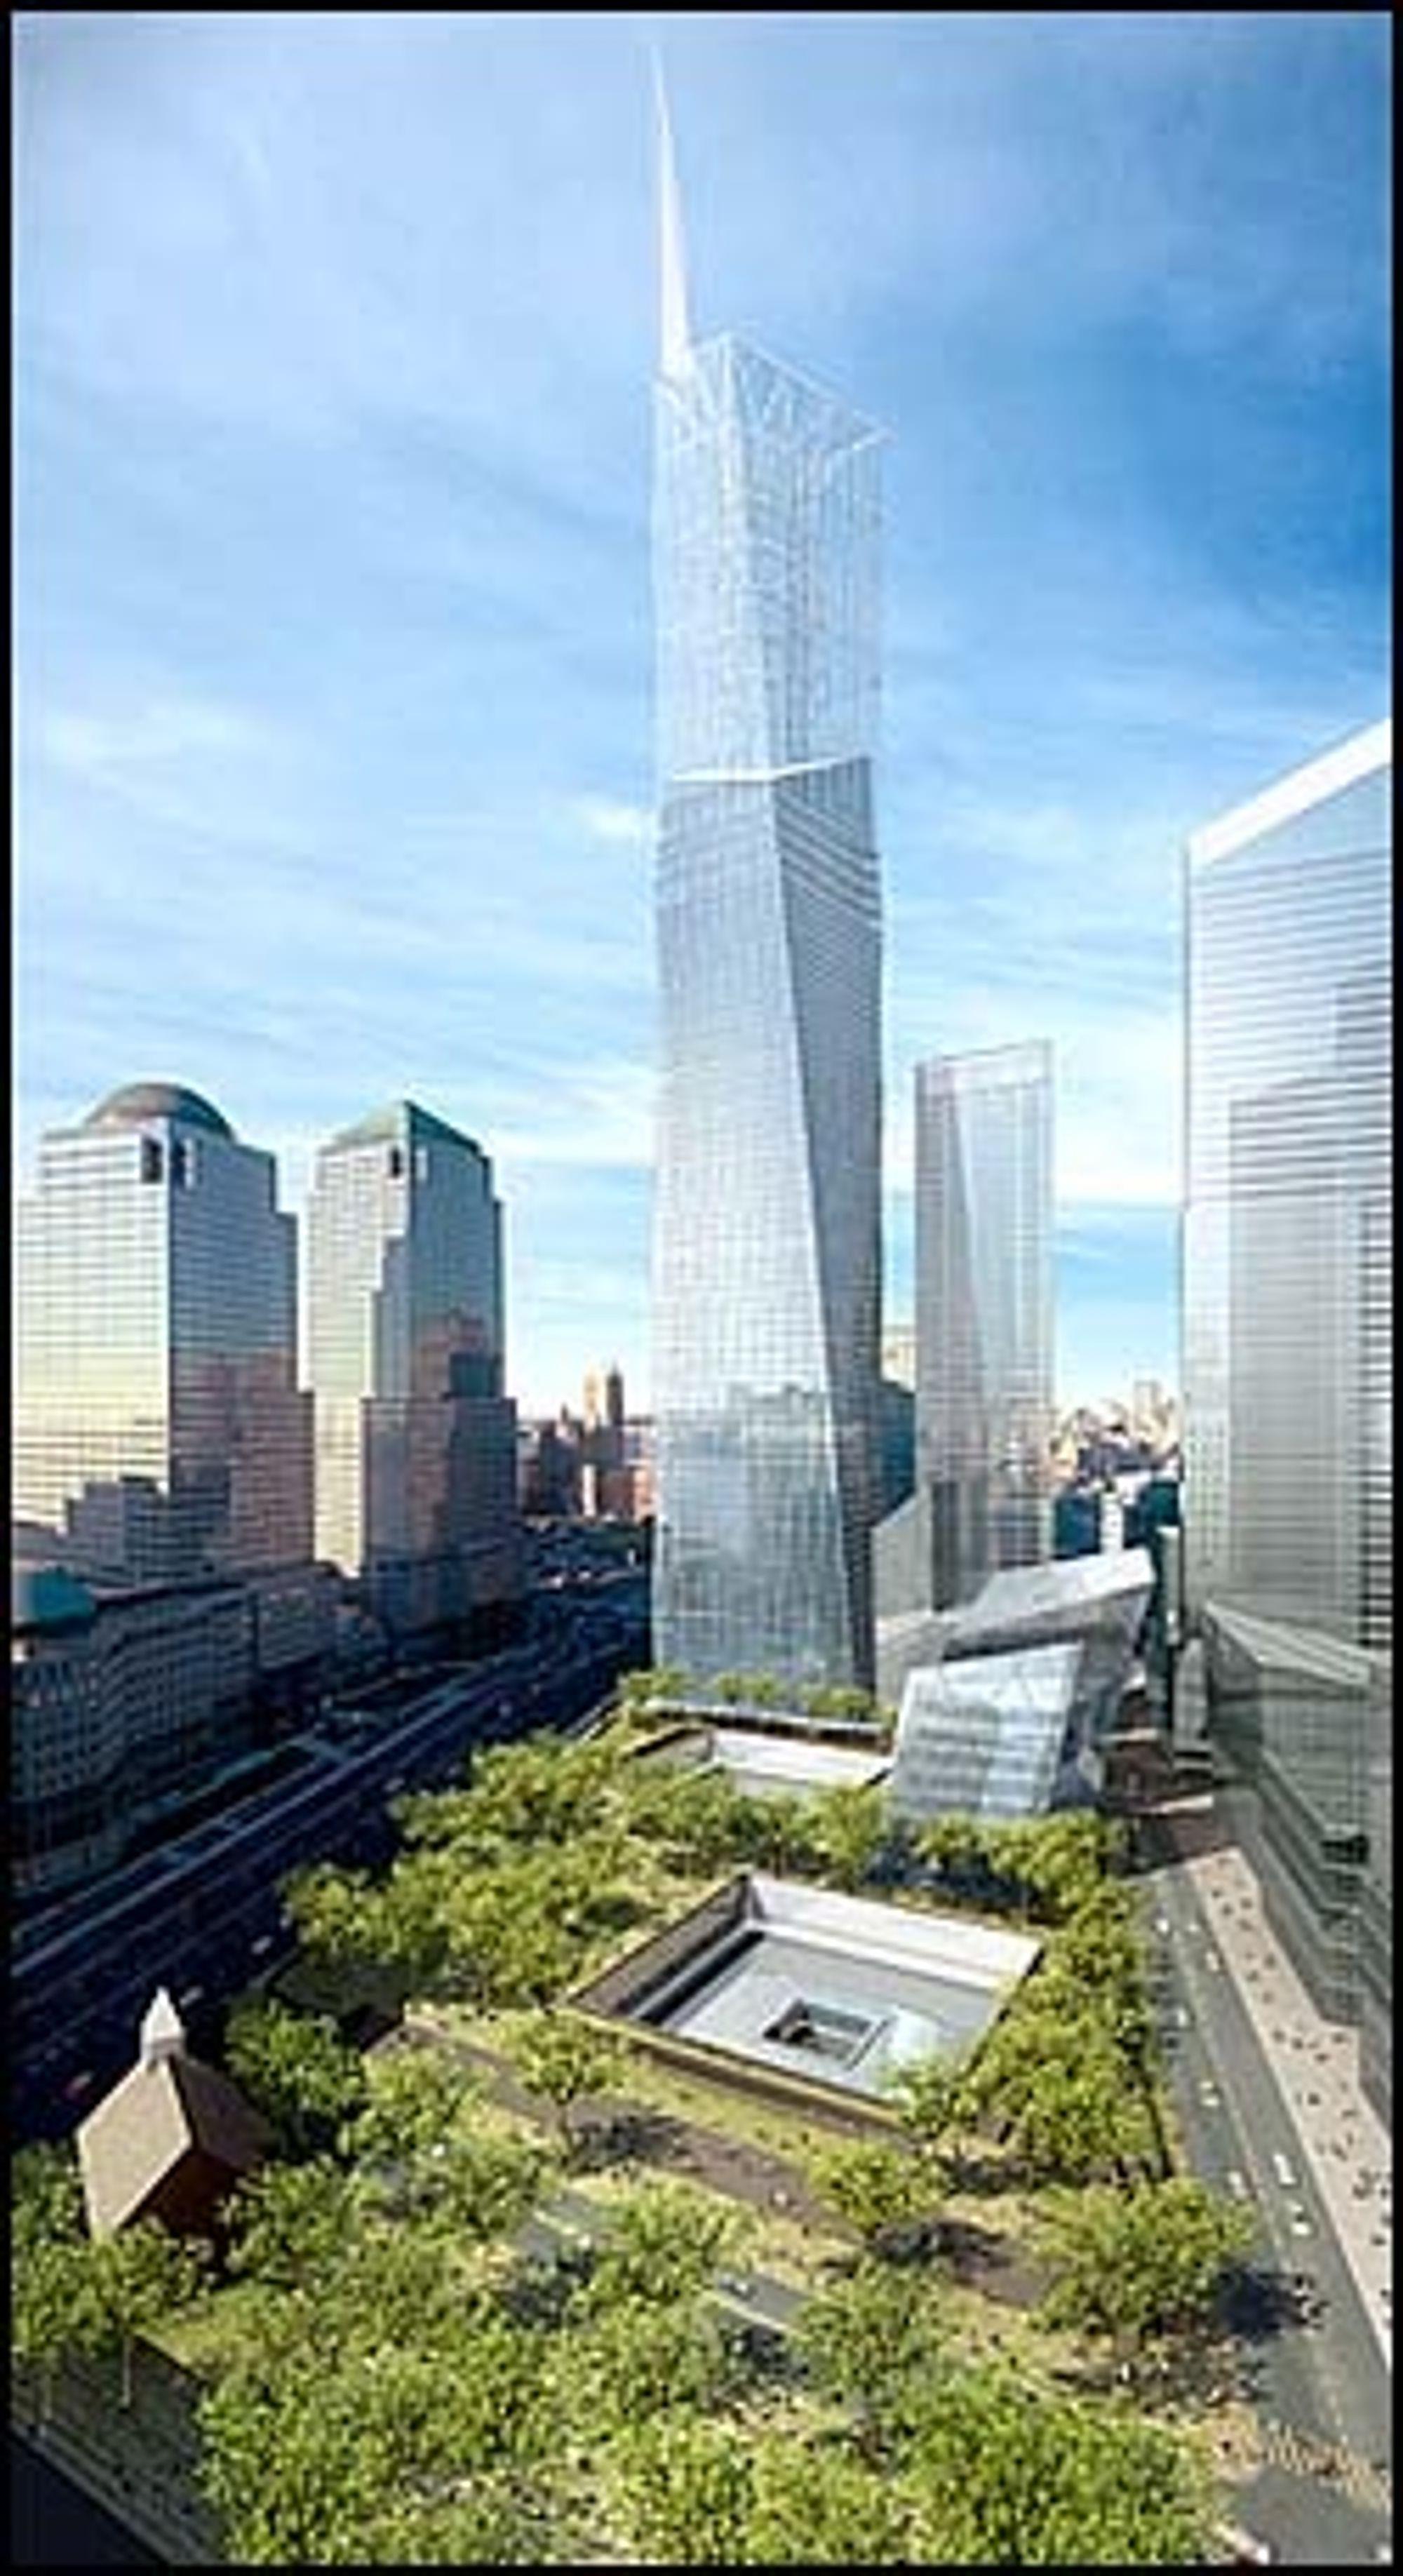 Freedom Tower og minneparken for World Trade Center vil bli seende ut. Foran til høyre for Freedom Tower har arkitektene plassert to moduler, som gir inntrykk av bygningene som norske Snøhetta skal utforme.